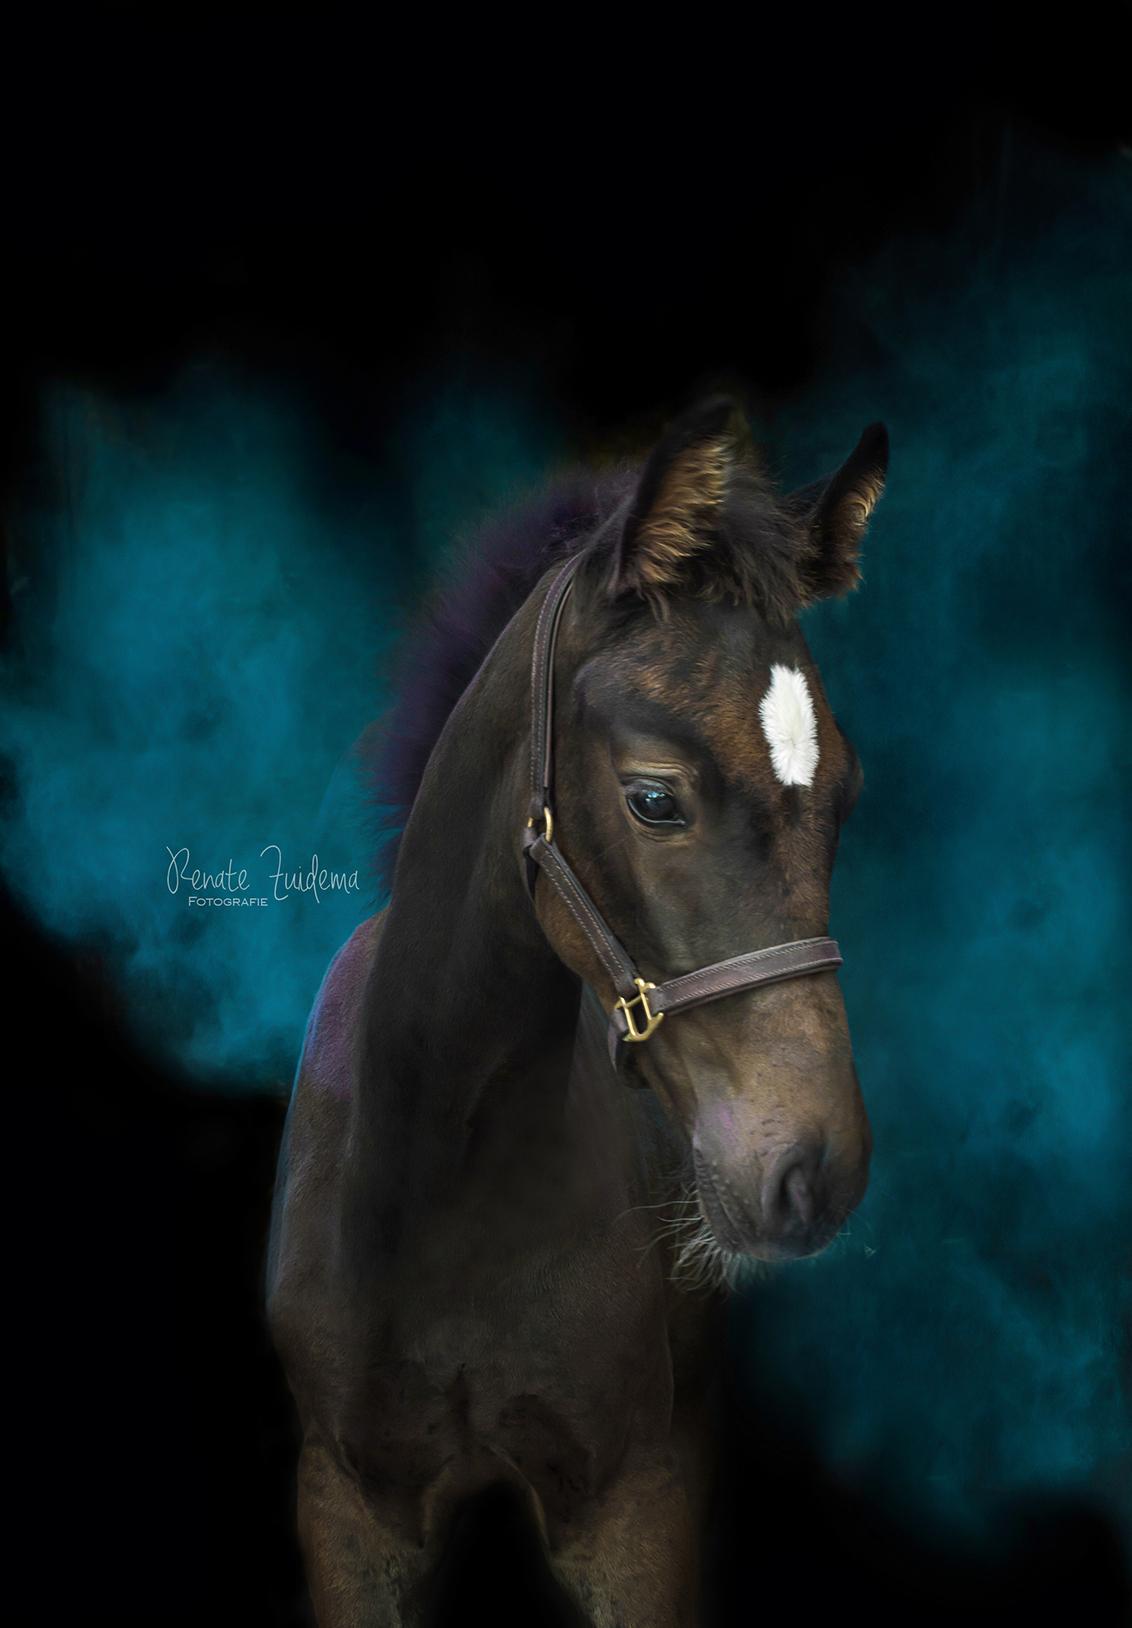 Pleasure to meet you - Veulentje Pleasure to meet you. - foto door RenateZuidemaFotografie op 03-02-2021 - deze foto bevat: kleur, blauw, paard, blue, veulen, veulentje, horse, kwpn, holi powder